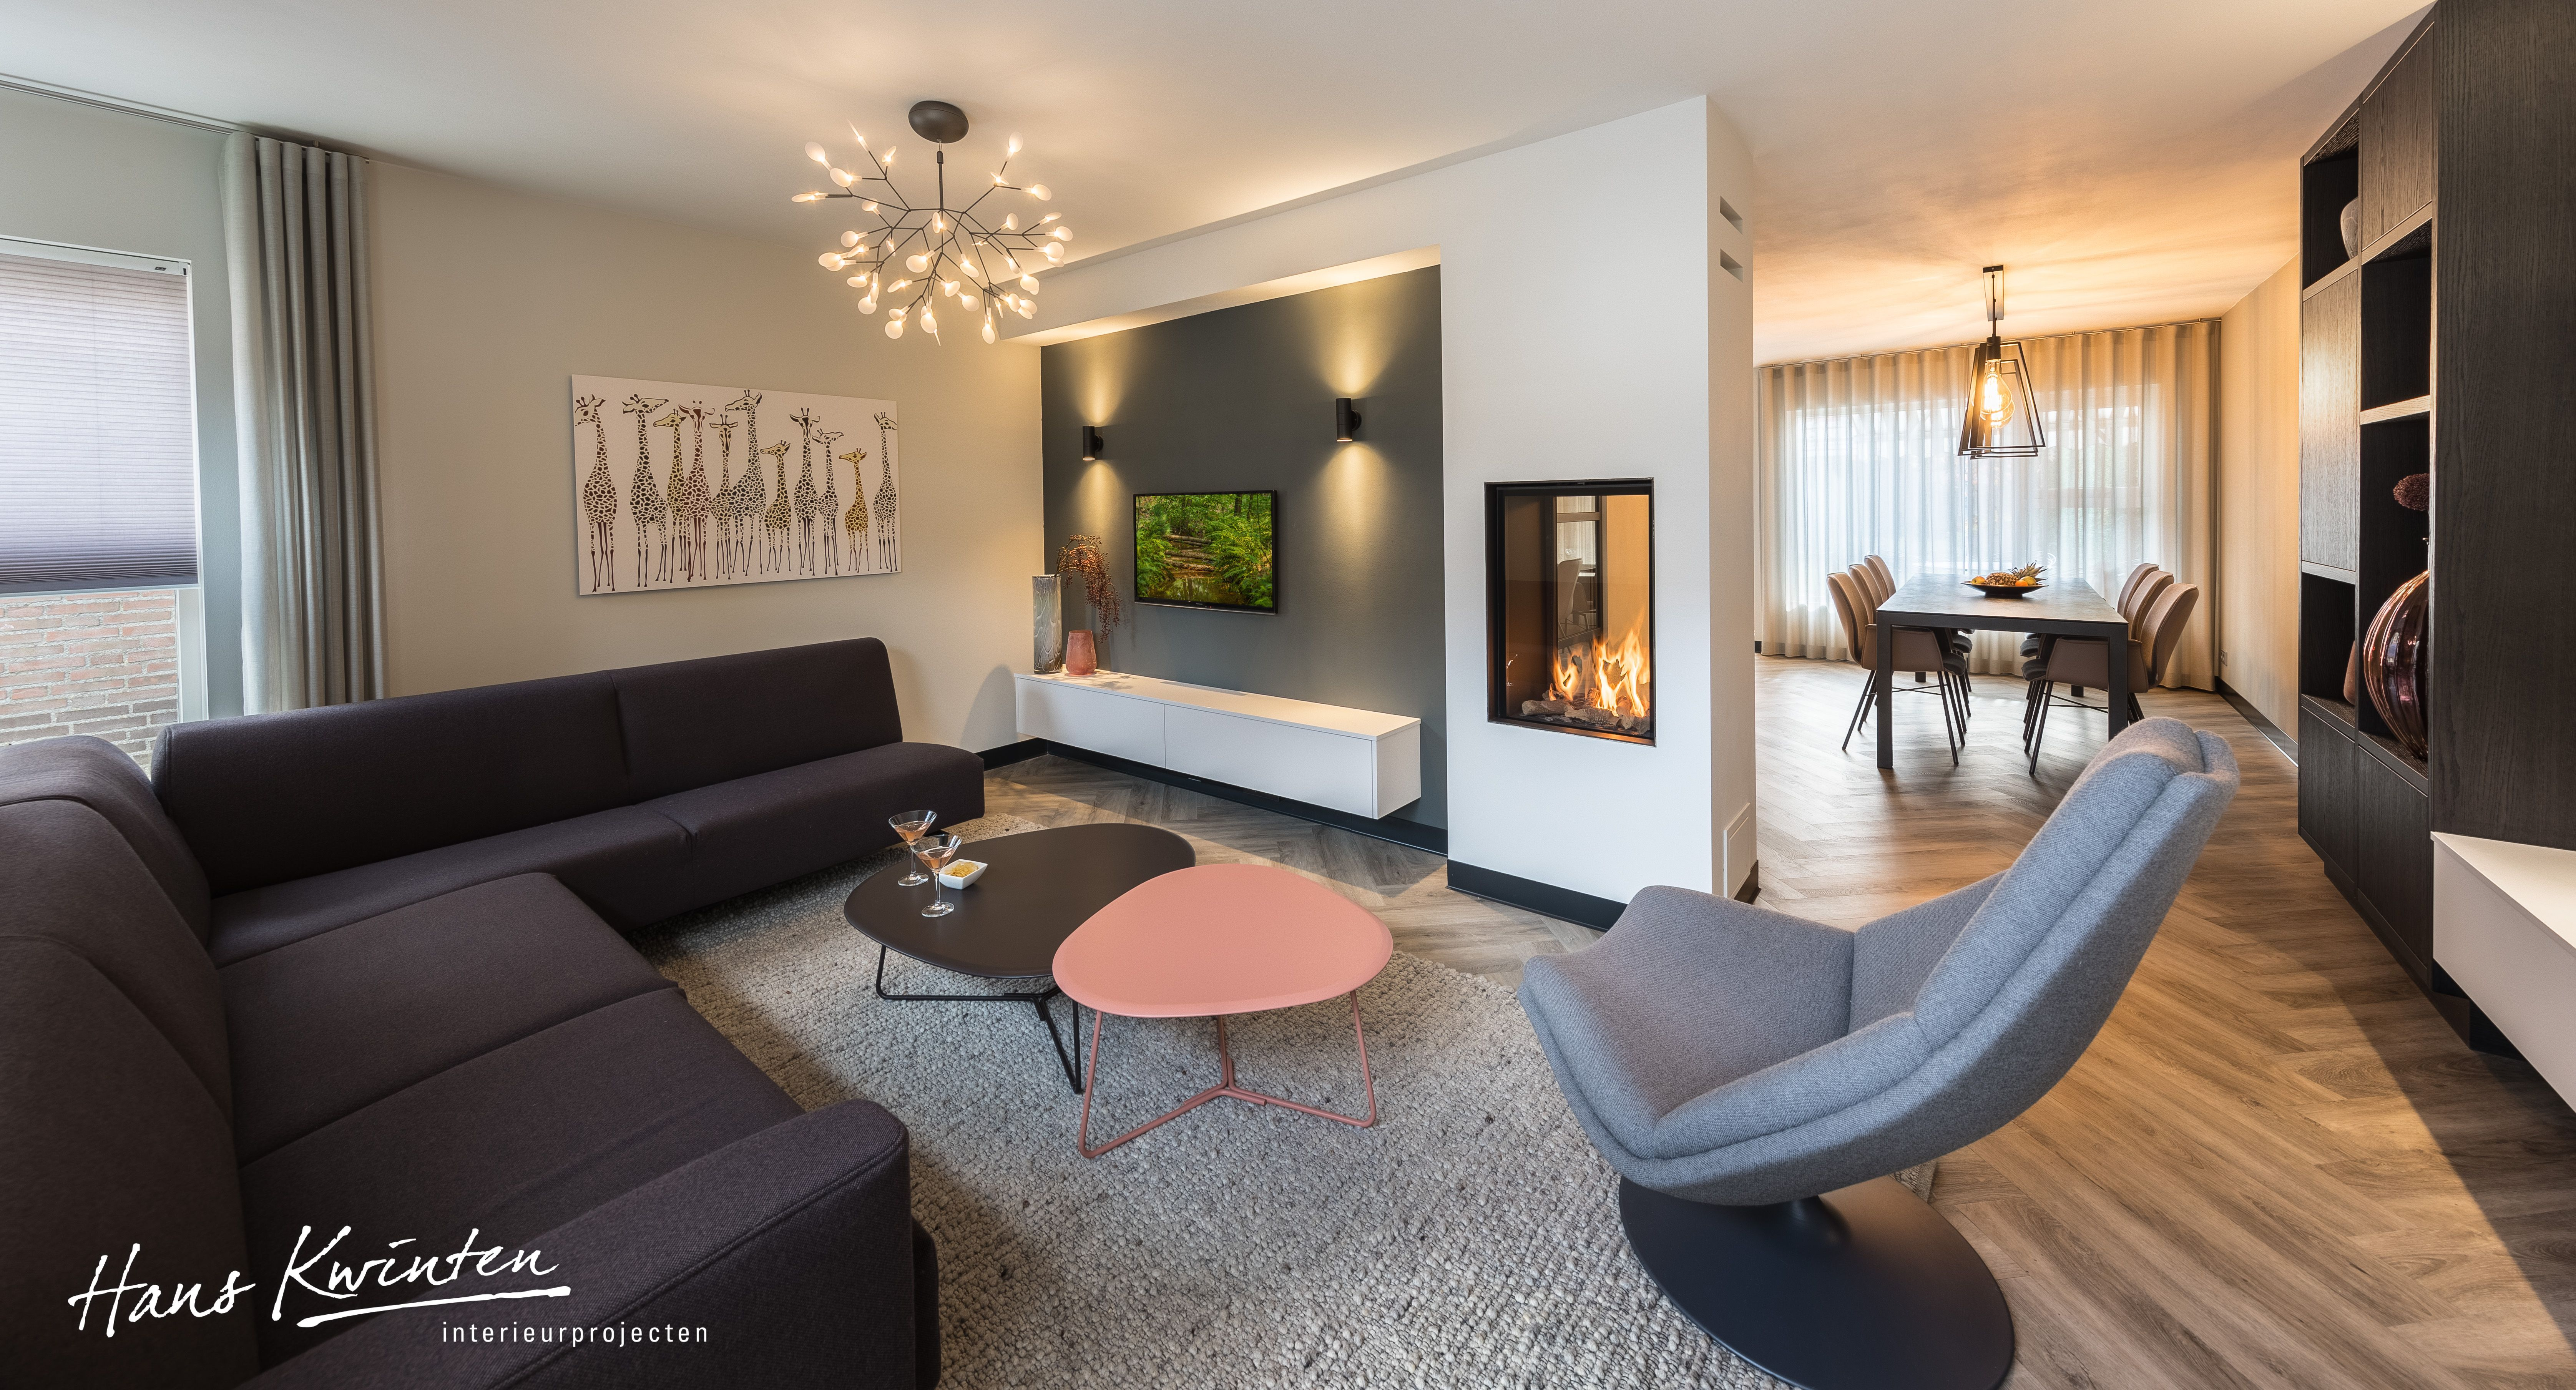 Interieur Strak Klassiek : Hans kwinten interieurprojecten in bergeijk. maatwerk meubels